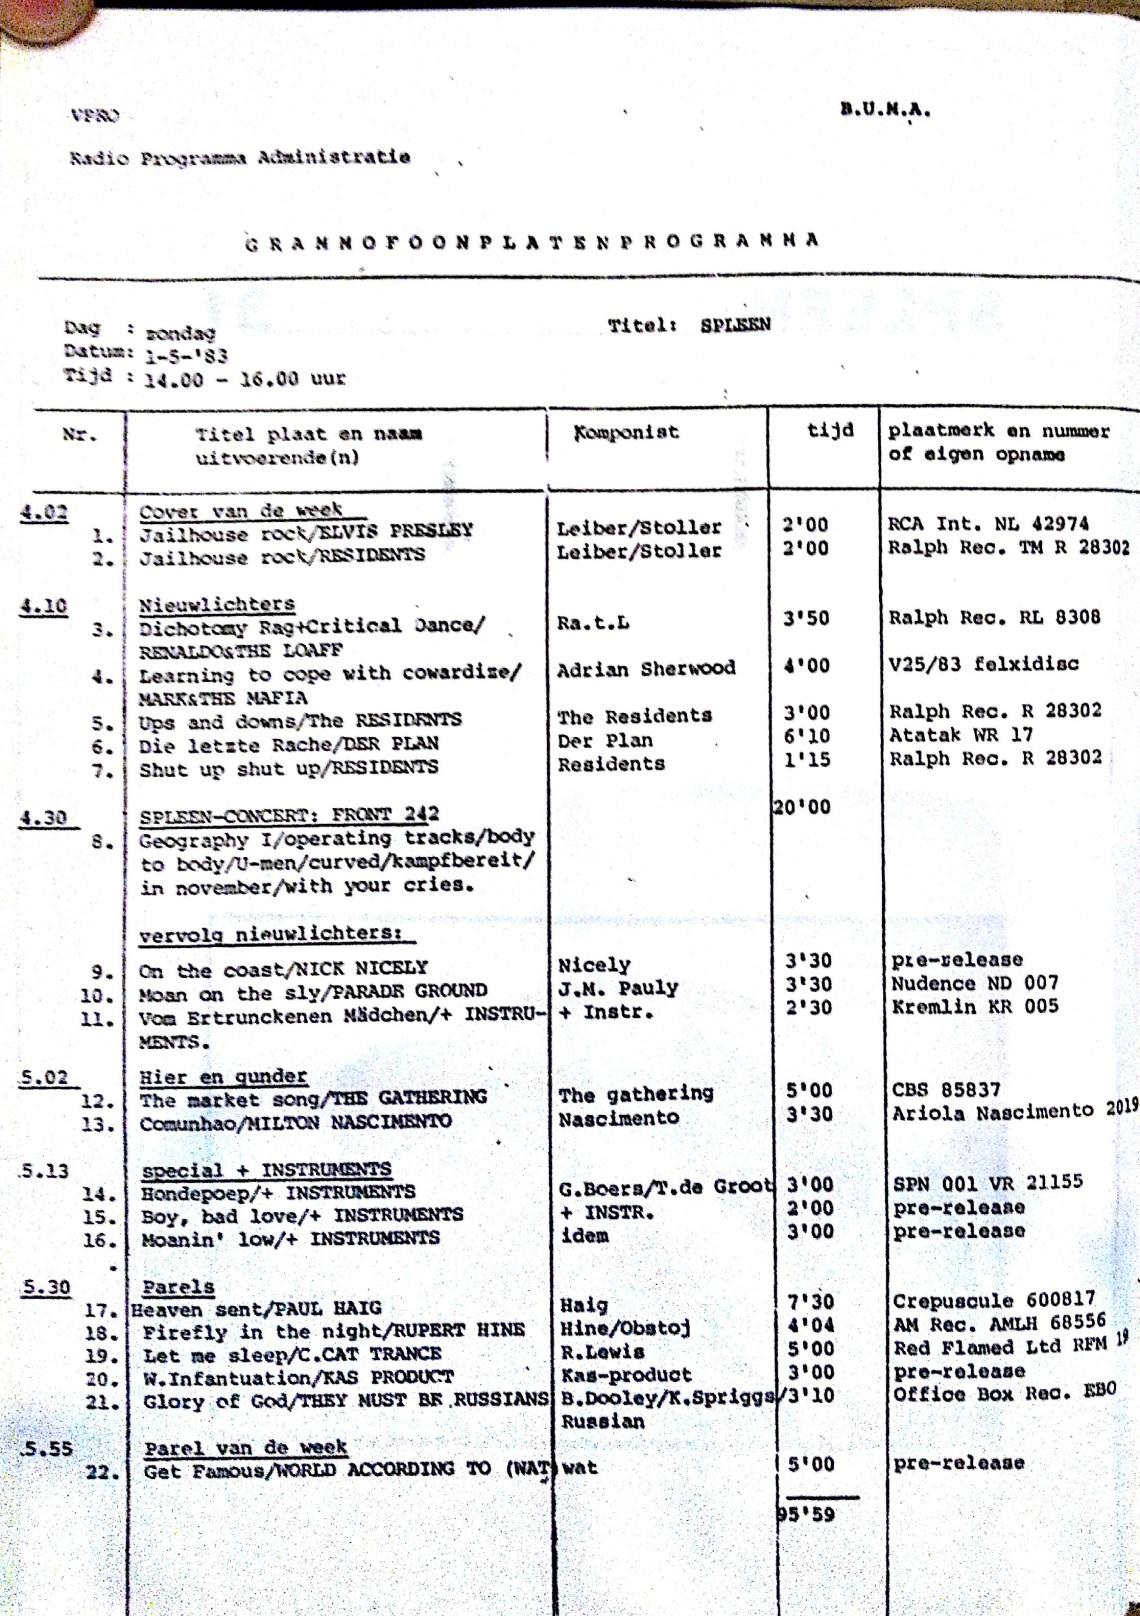 SPLEEN 1 Maart 1983